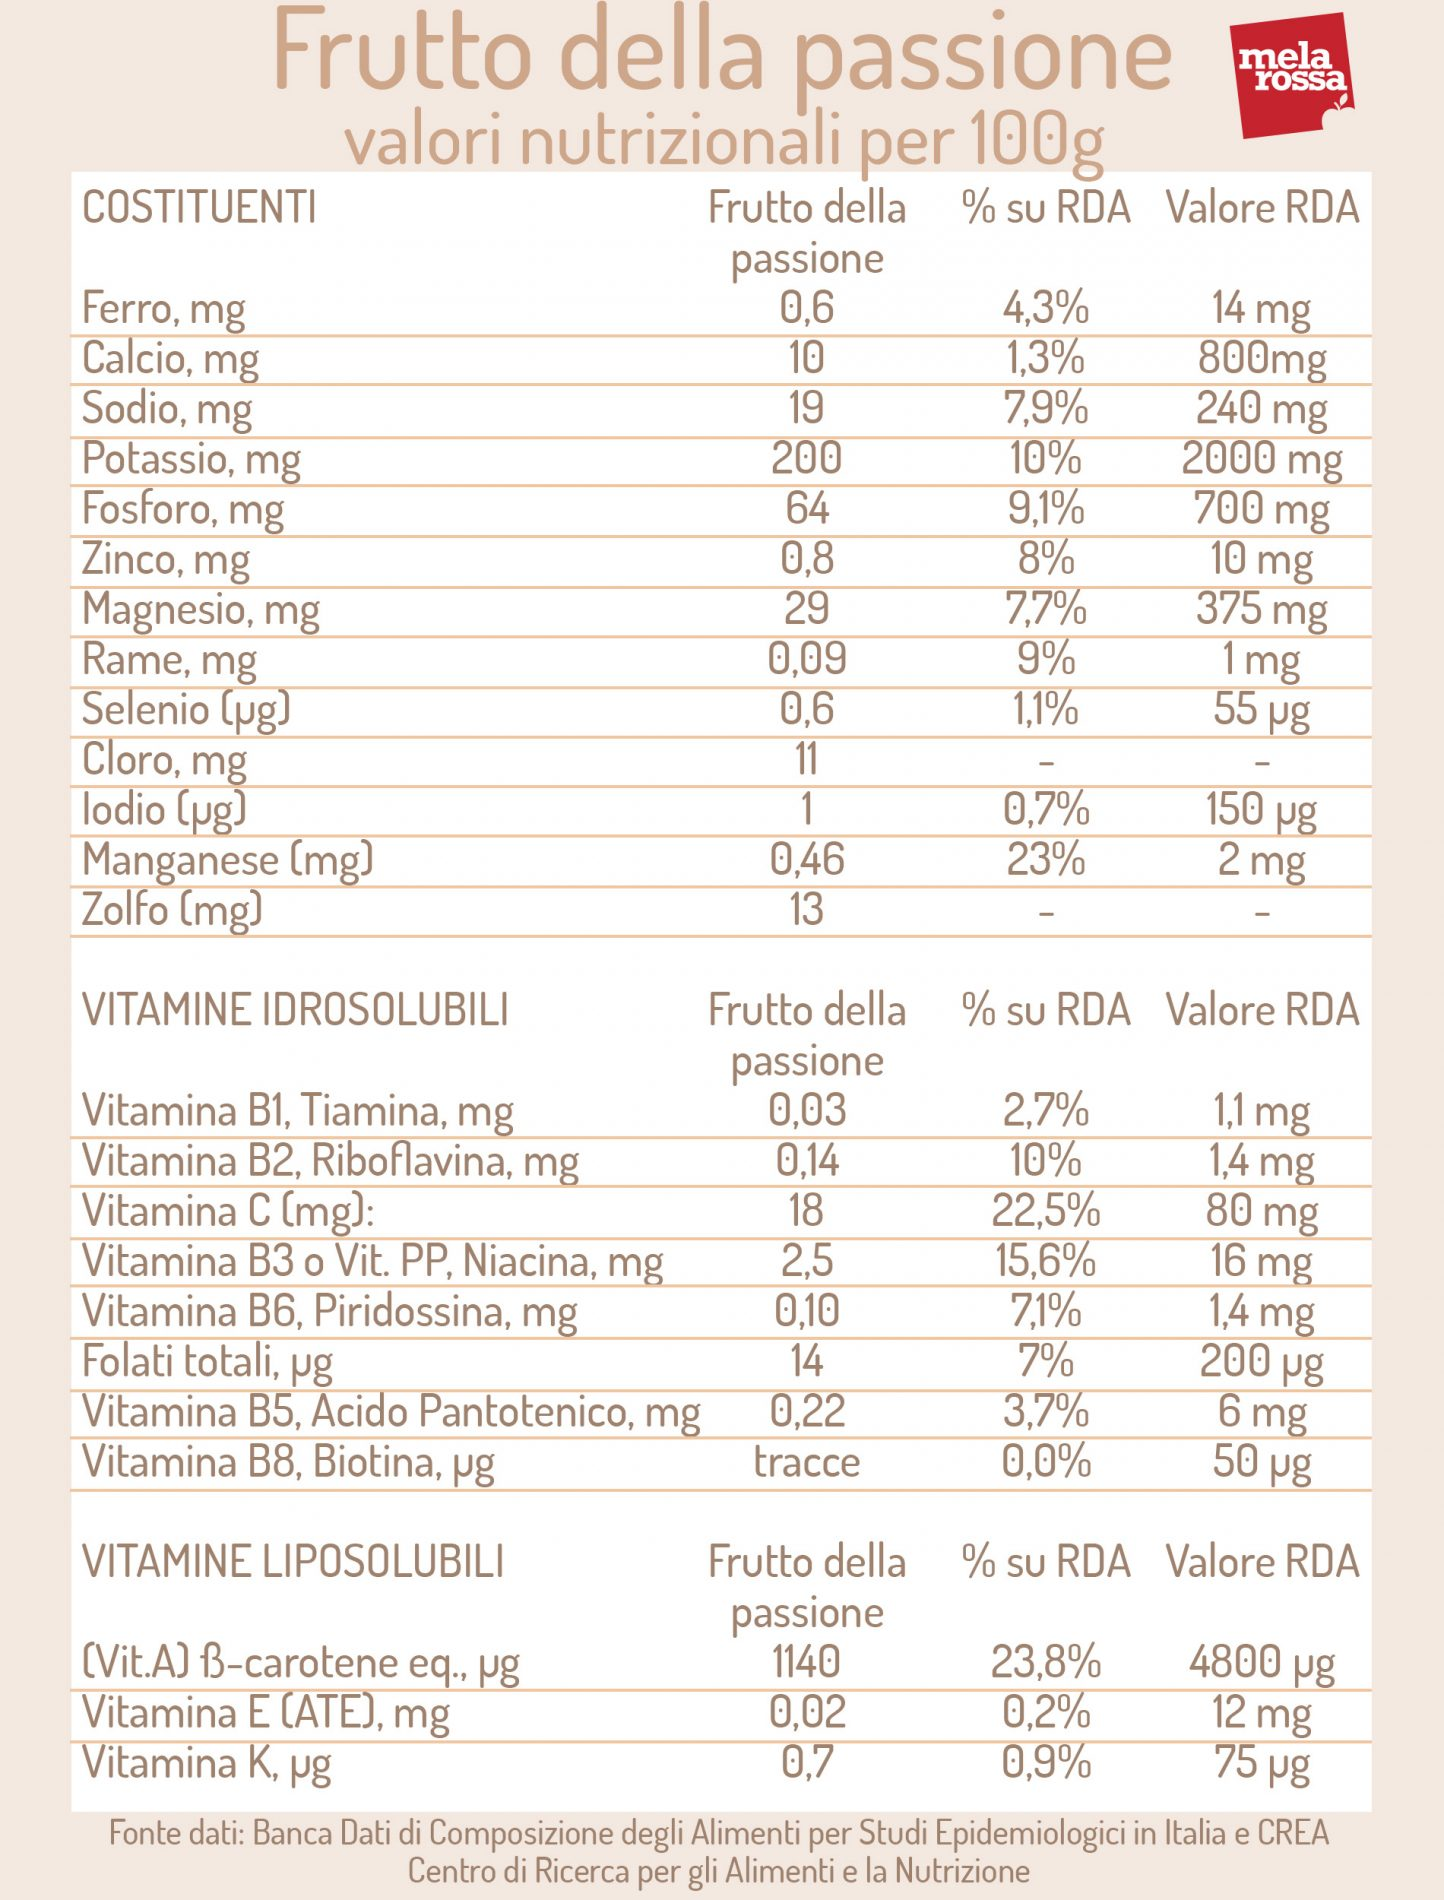 frutto della passione: valori nutrizionali